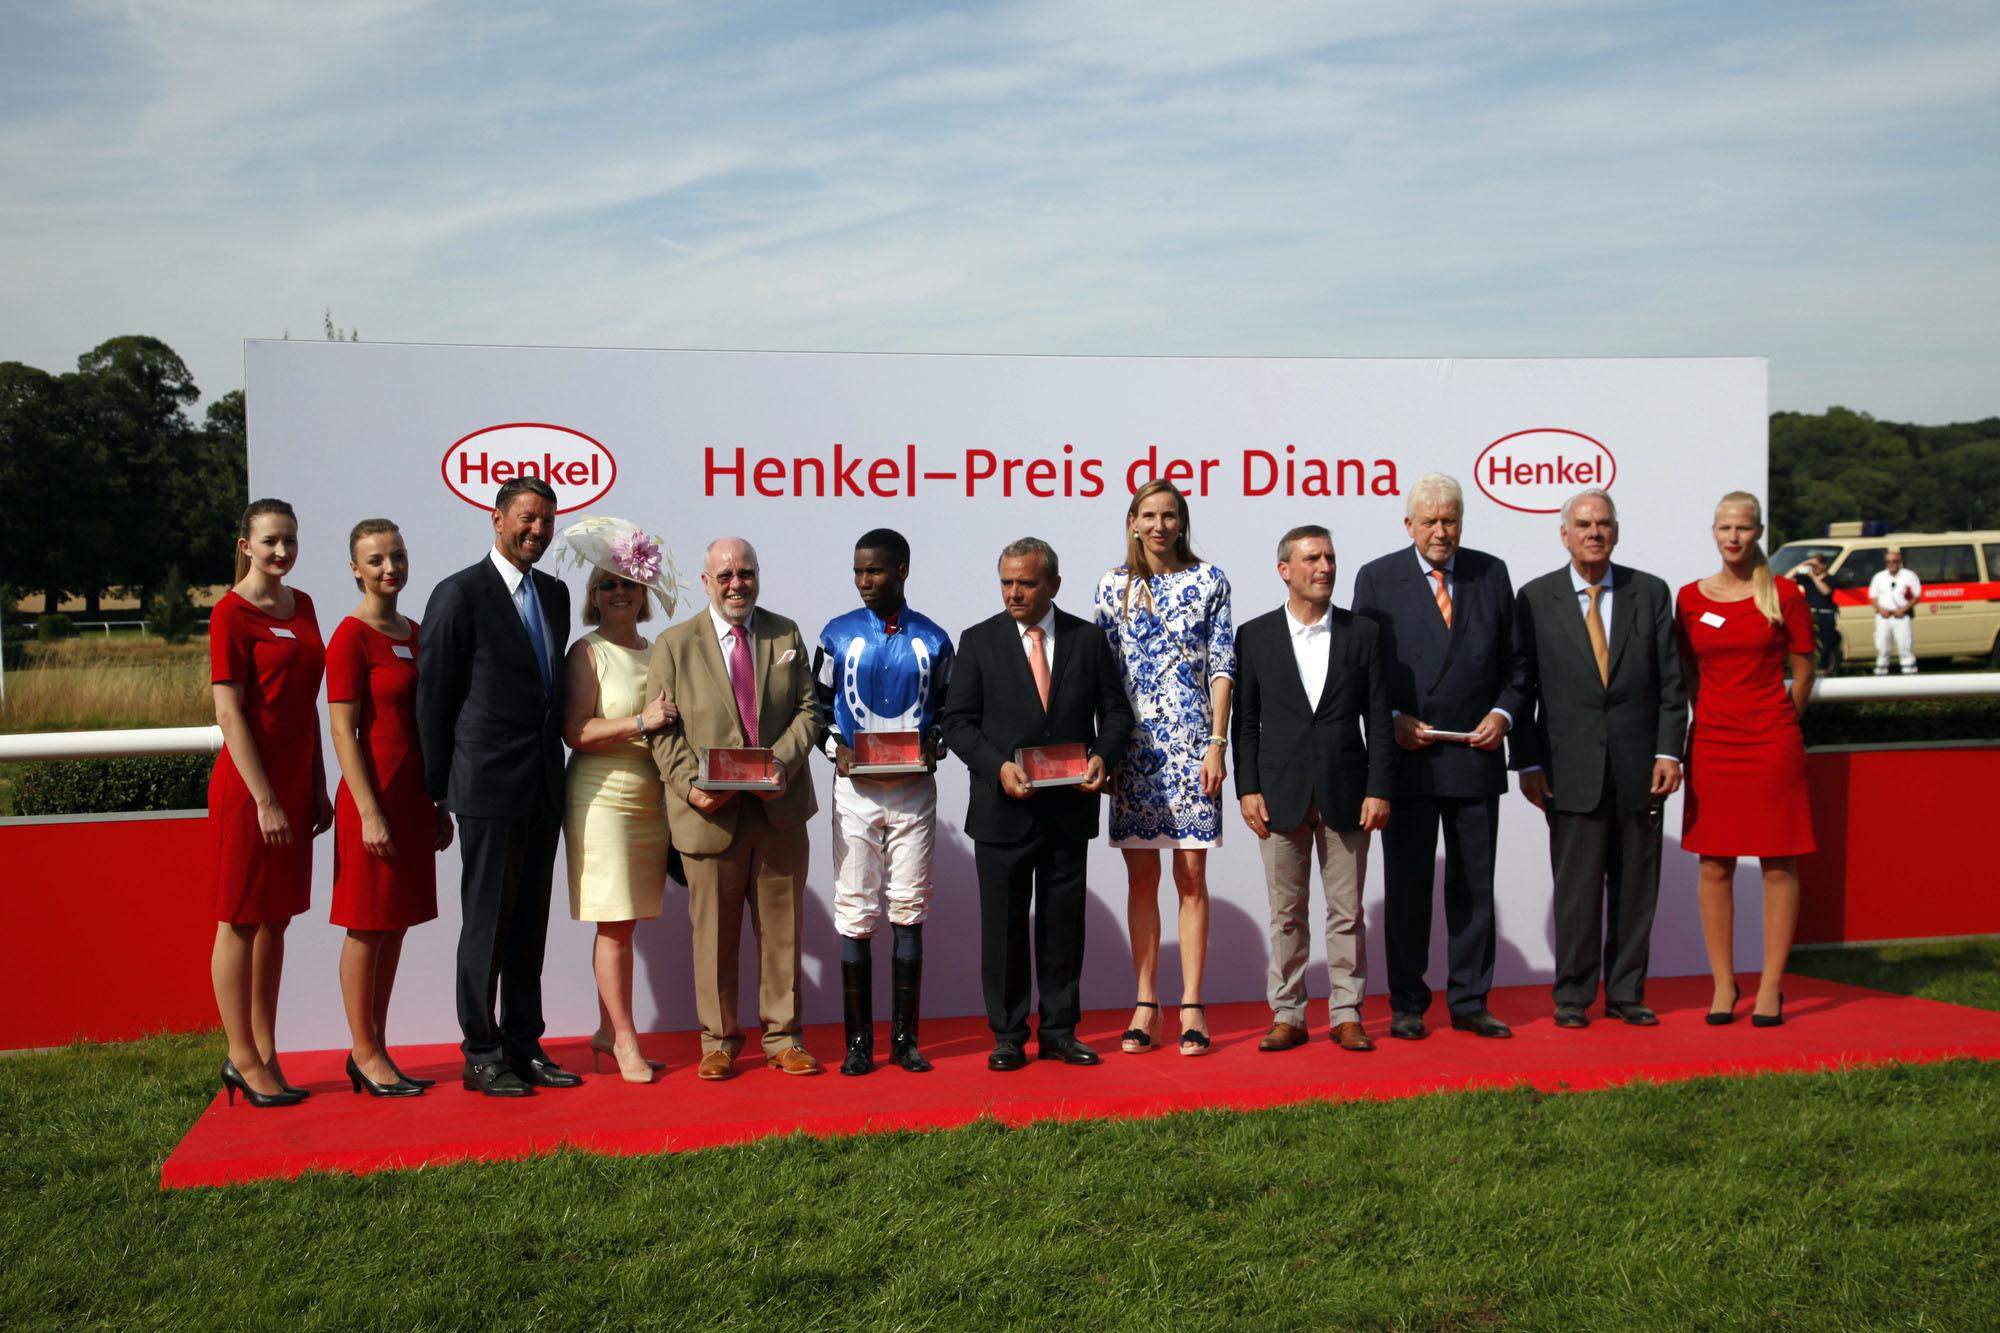 Die Siegerehrung des Henkel-Preis der Diana. (Foto: Henkel Press & Media Relations)